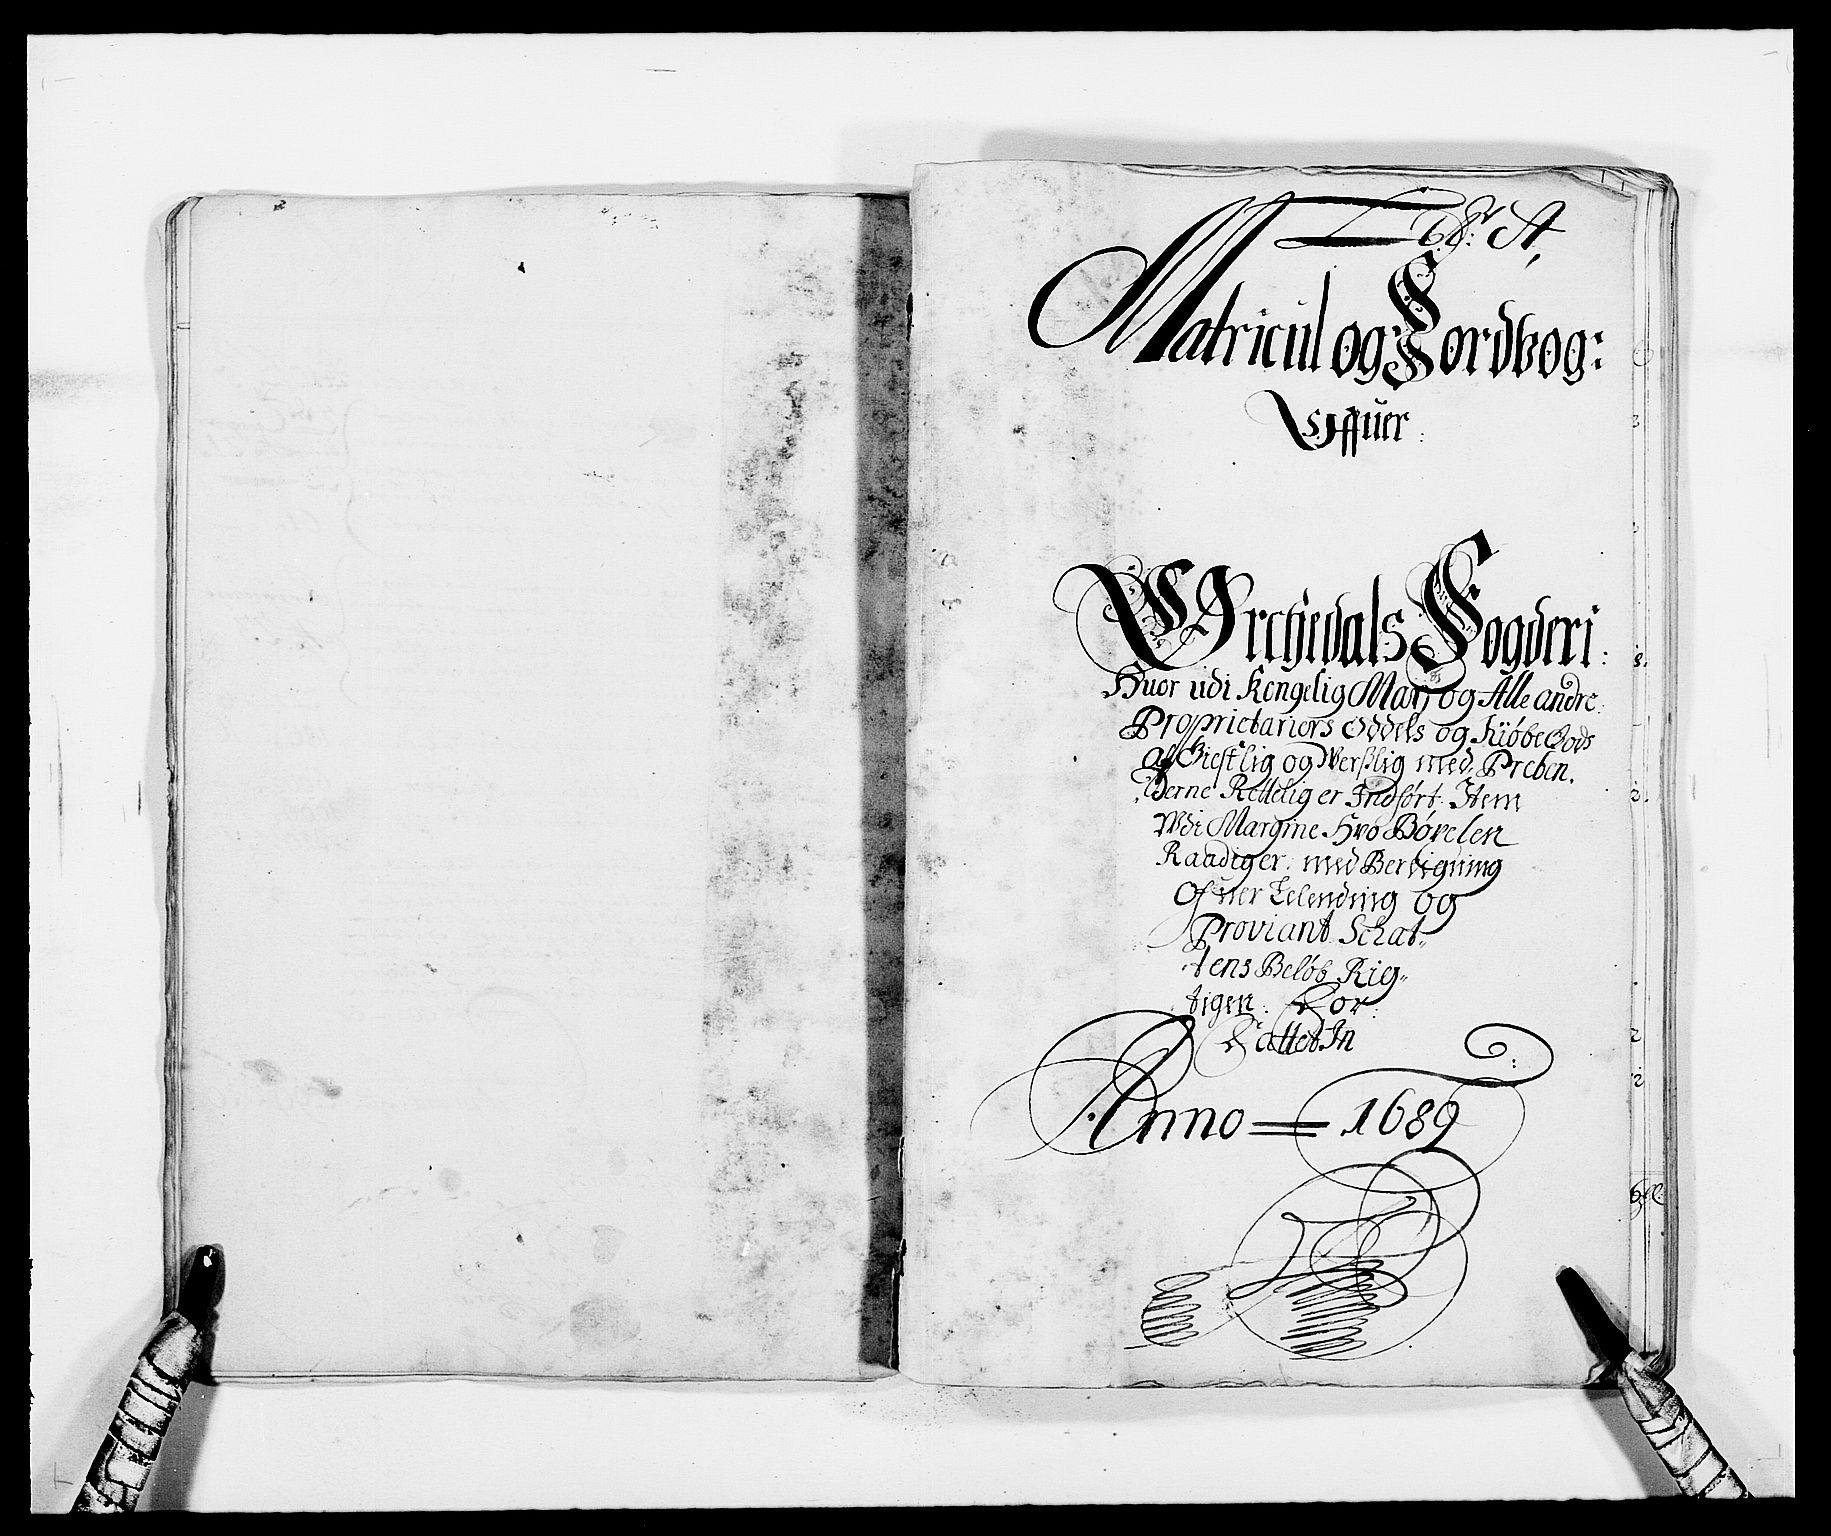 RA, Rentekammeret inntil 1814, Reviderte regnskaper, Fogderegnskap, R58/L3936: Fogderegnskap Orkdal, 1689-1690, s. 12